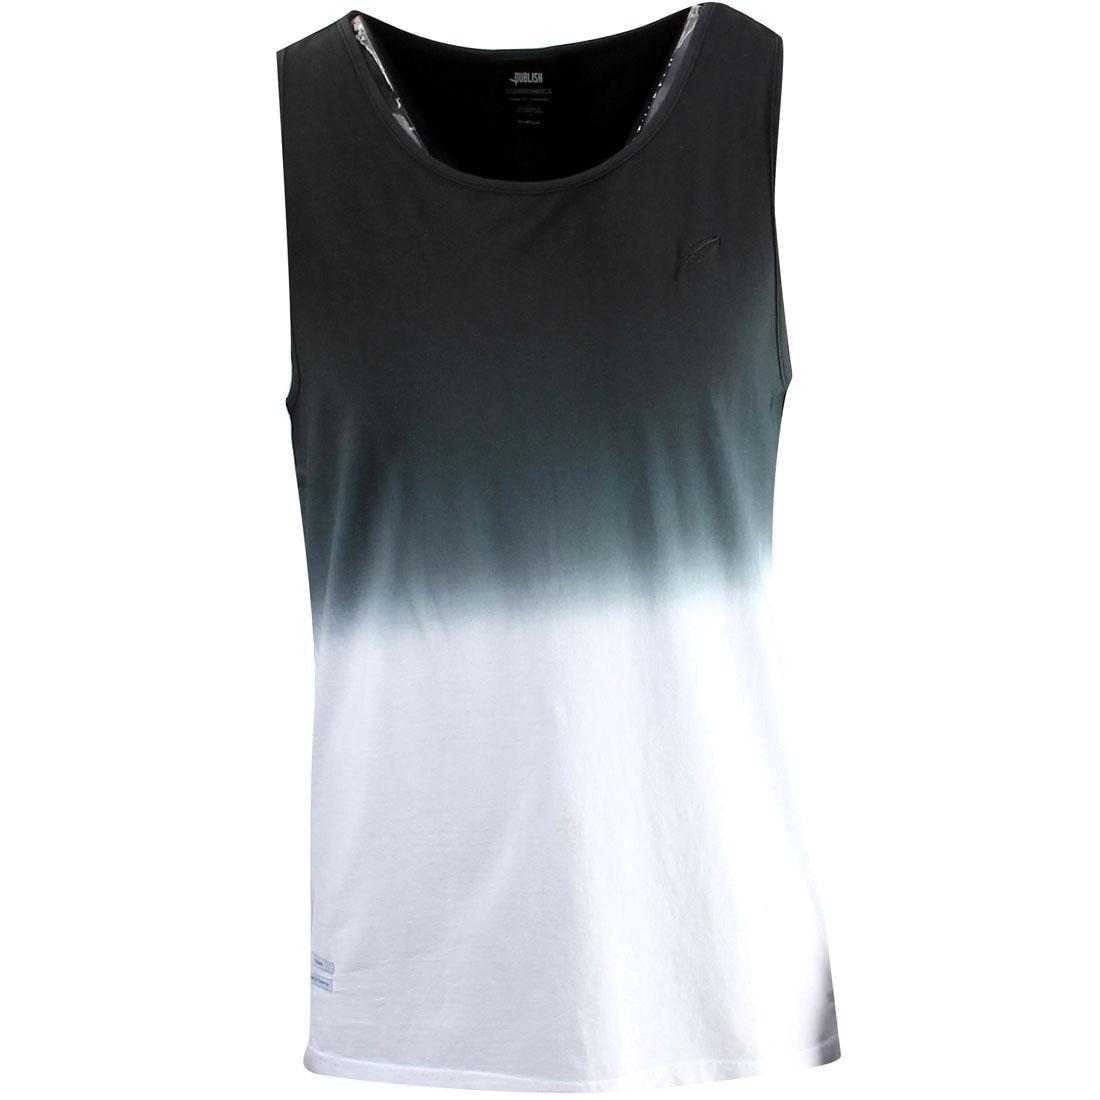 パブリッシュ タンクトップ 【 PUBLISH MEN EDSEL TANK TOP BLACK 】 メンズファッション トップス 送料無料